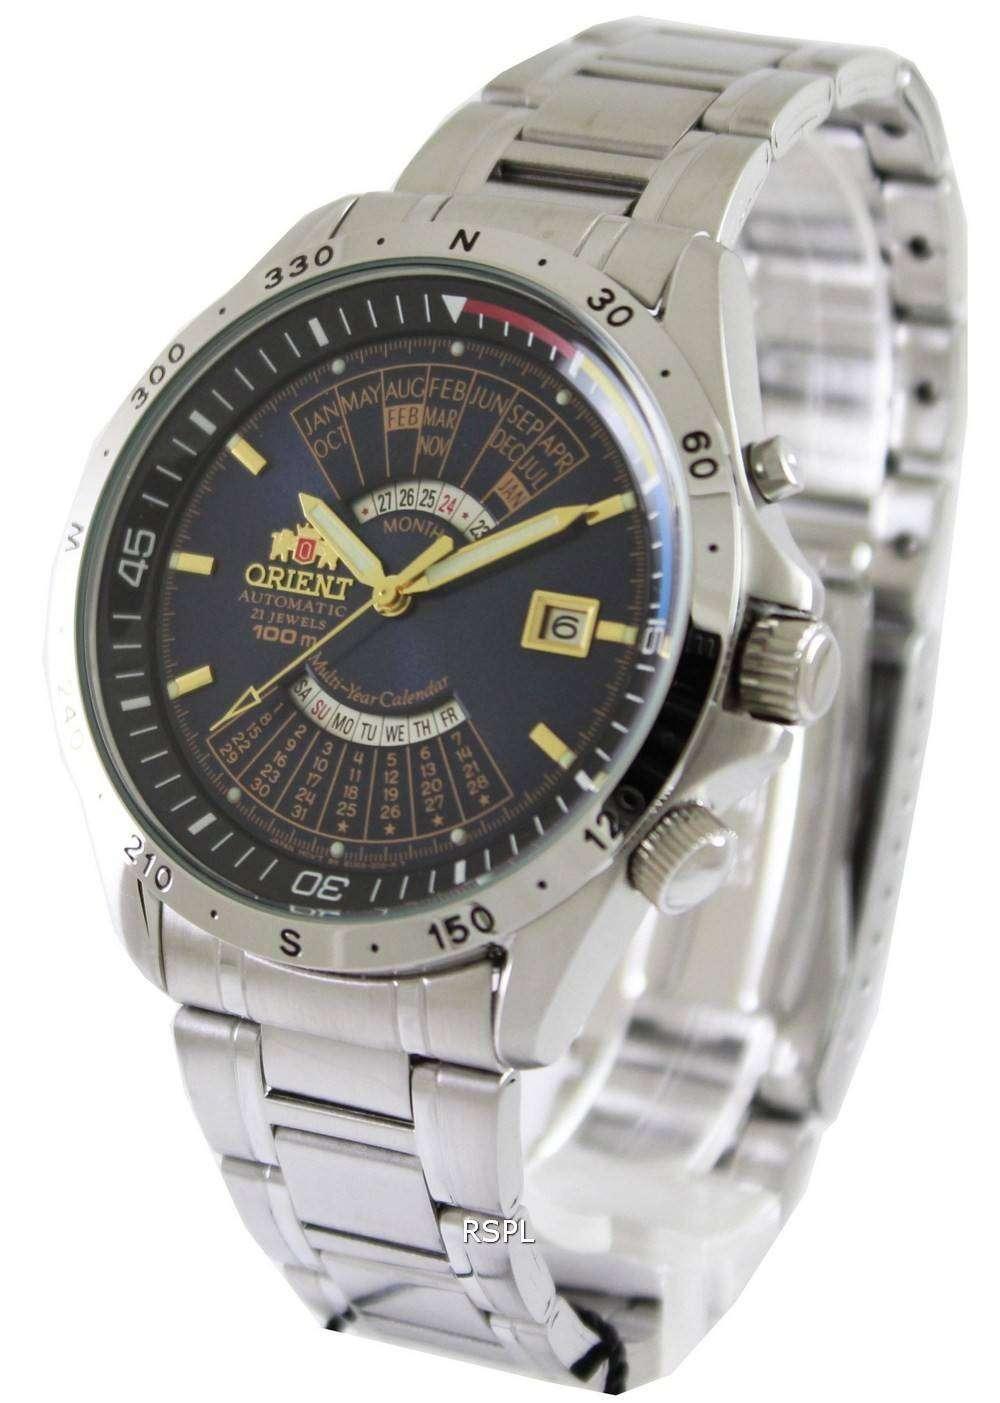 Orient 21 jewels automatic LH L469712 AAA Crystal - avitoru